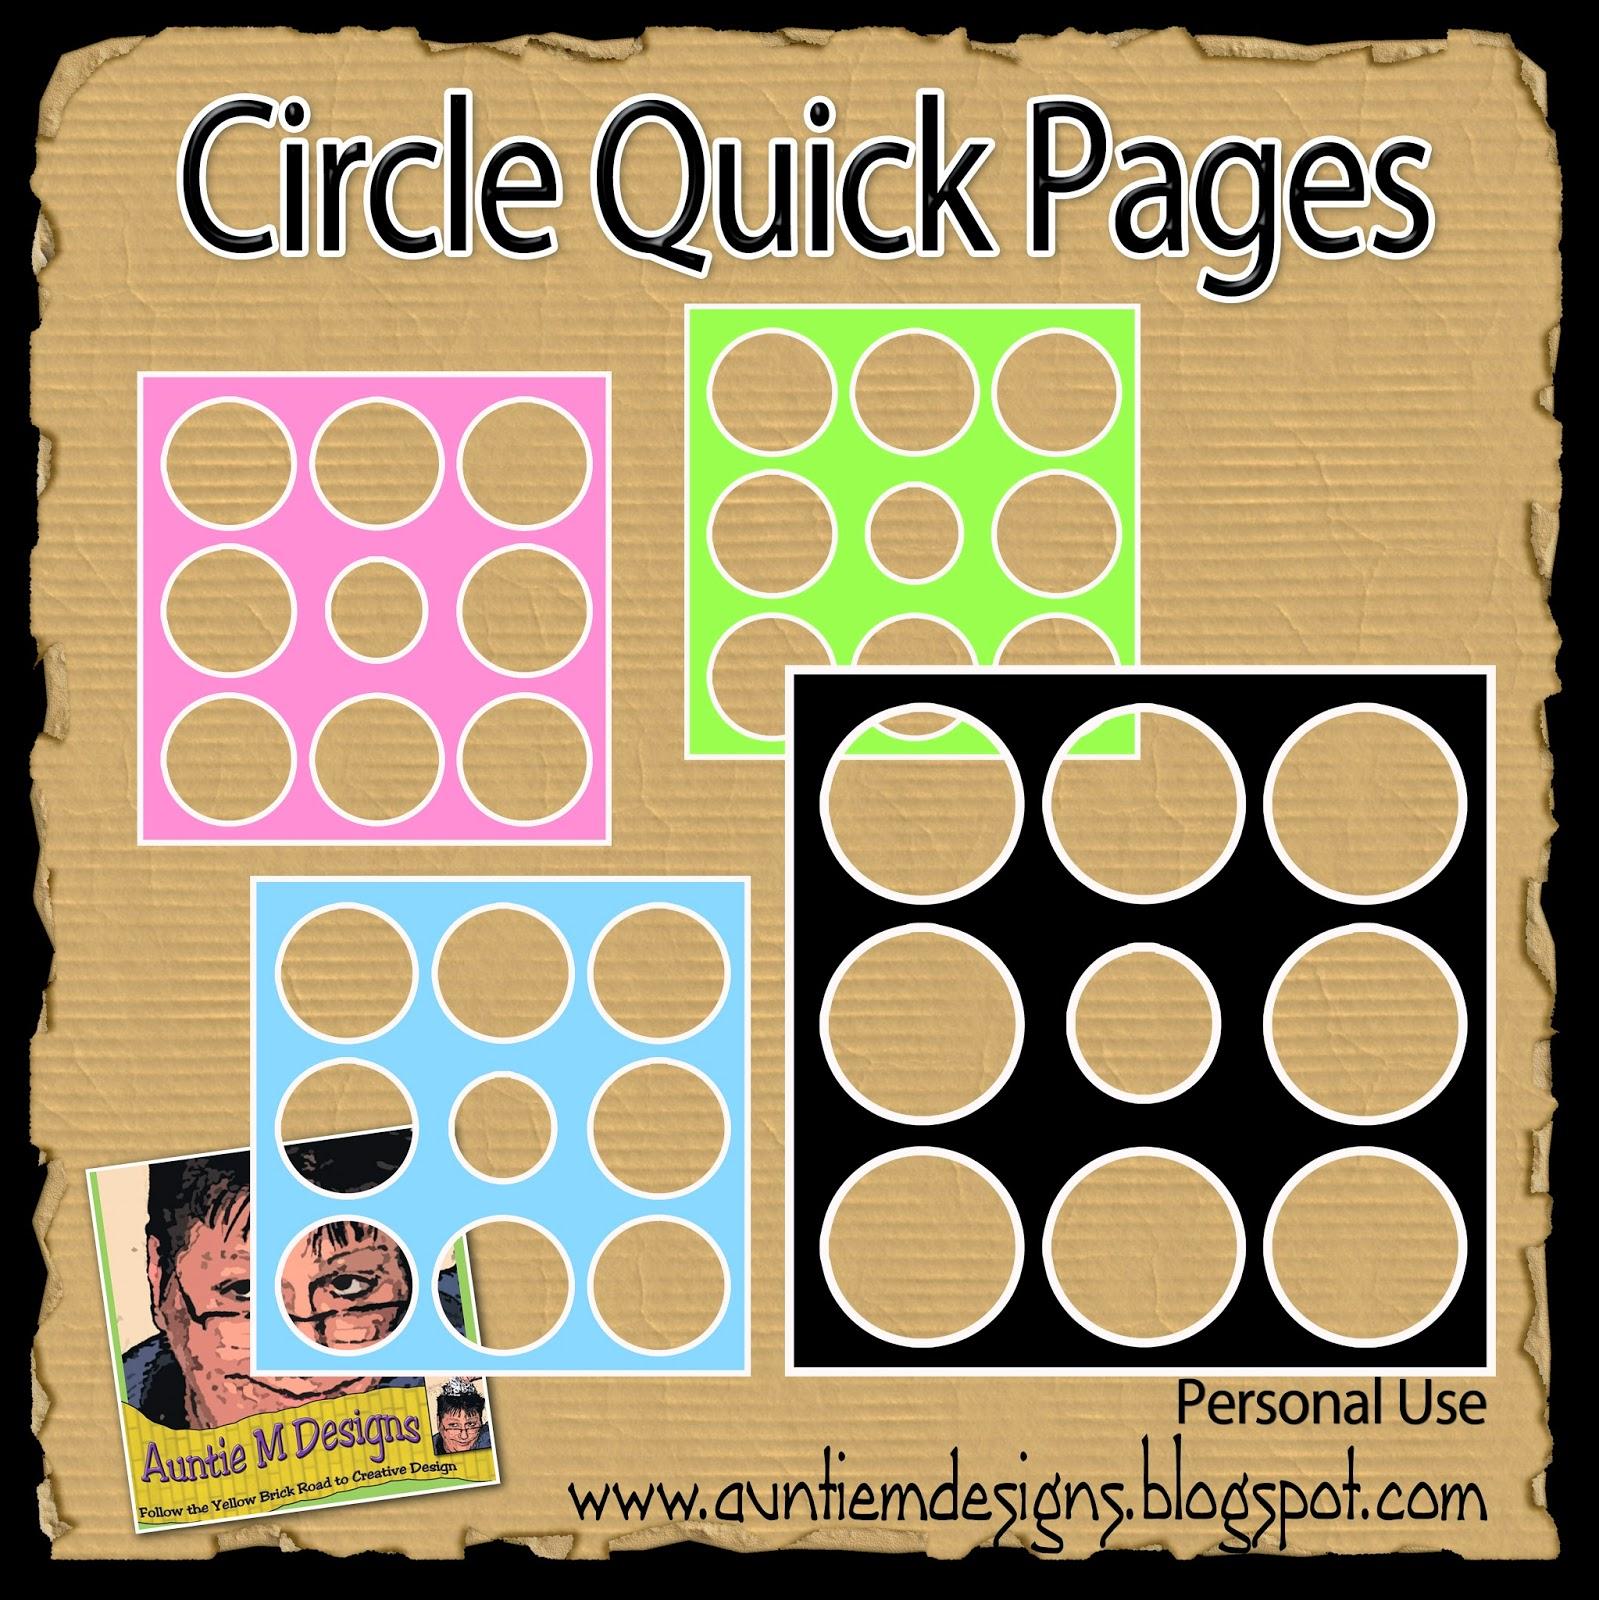 http://4.bp.blogspot.com/-ha6bUmefRYg/U5nXOX_PHRI/AAAAAAAAGyE/D768ZgpVnsY/s1600/folder.jpg